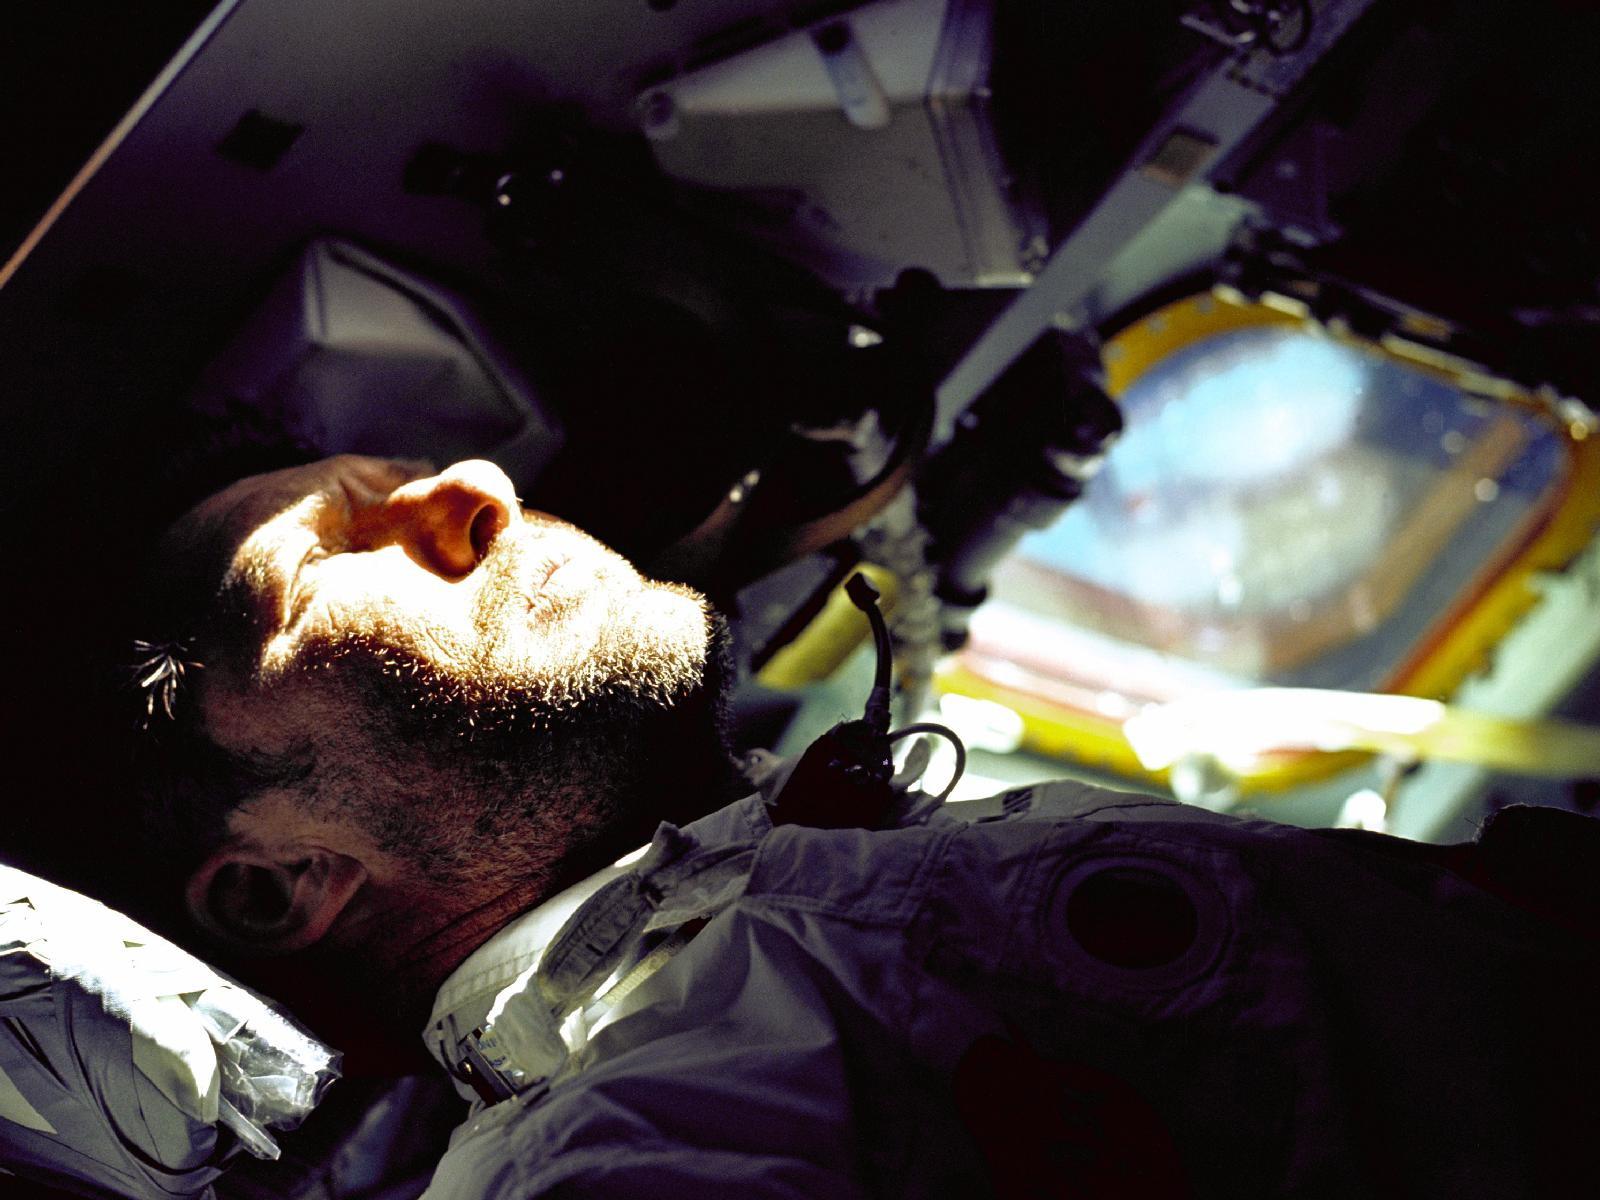 Apollo 7 — First Manned Apollo Mission